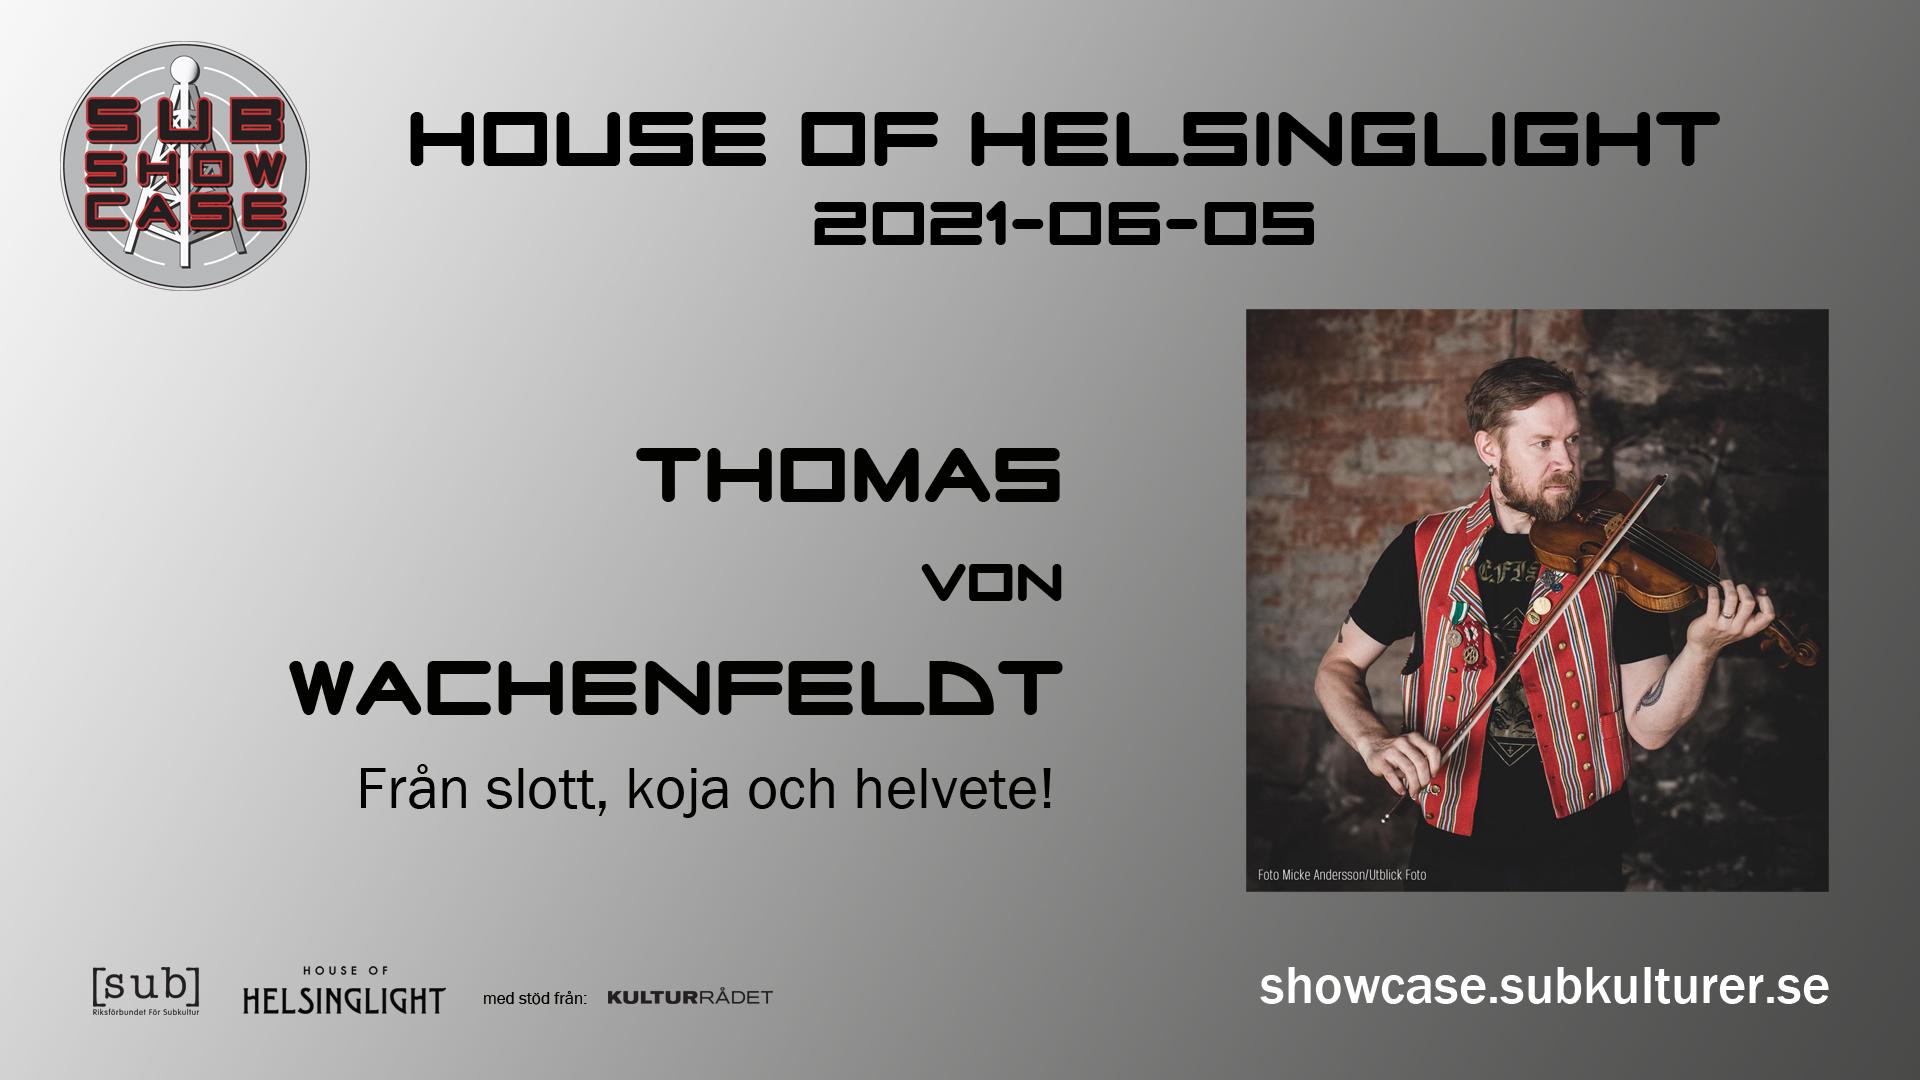 2021-06-05 Live från House of Helsinglight